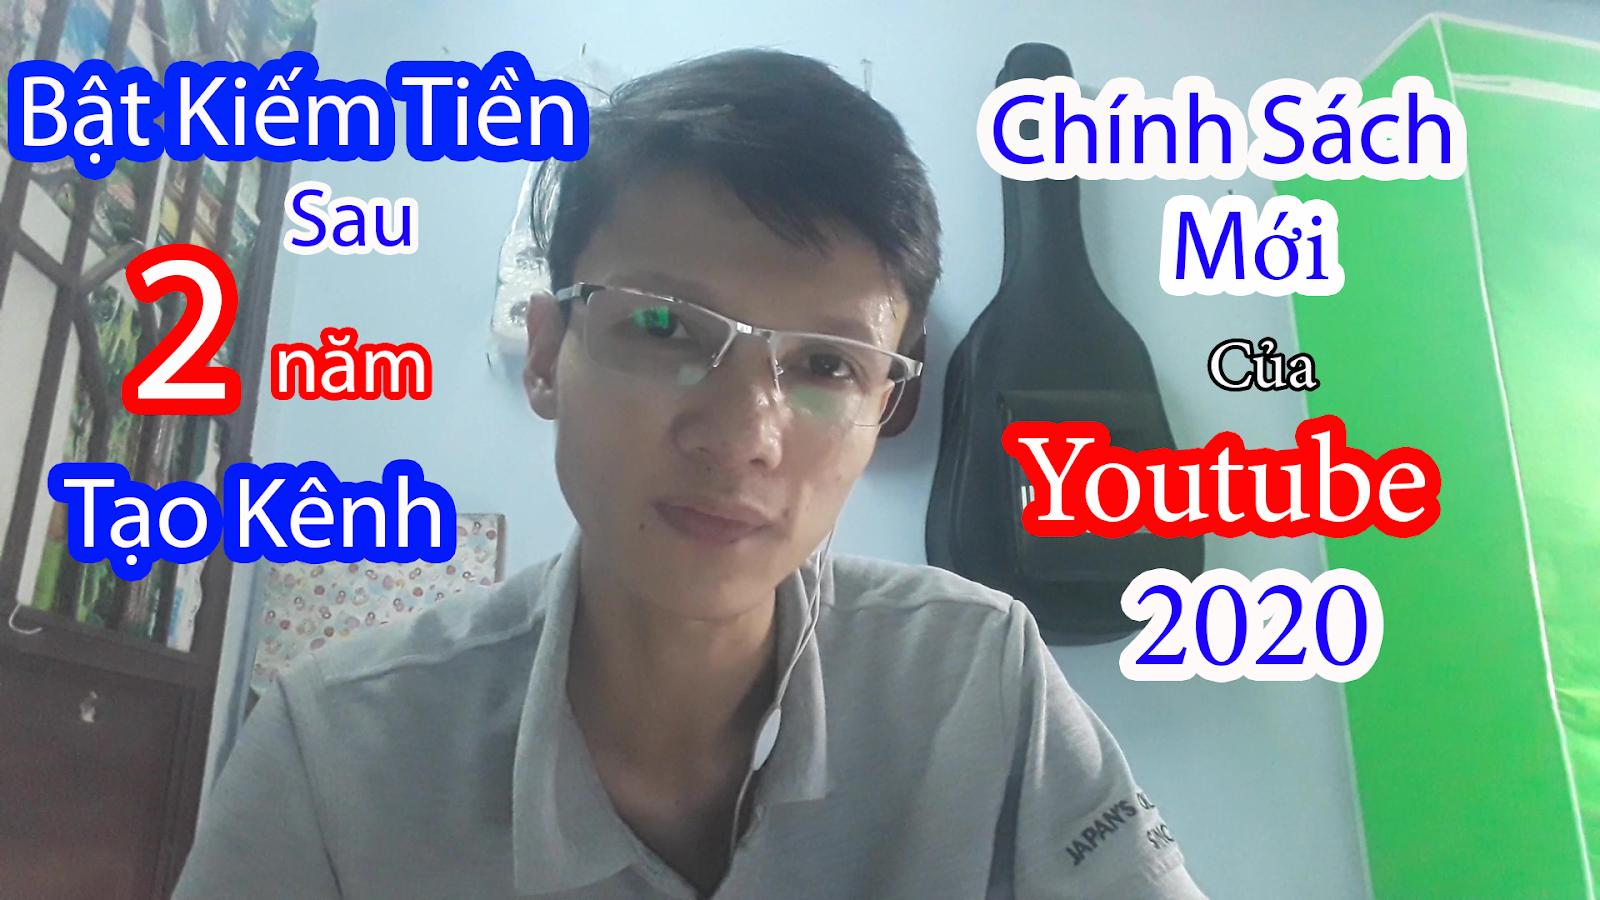 Được Youtube duyệt Bật kiếm tiền sau 2 năm tạo kênh - Chia sẻ chính sách mới của Youtube 2020